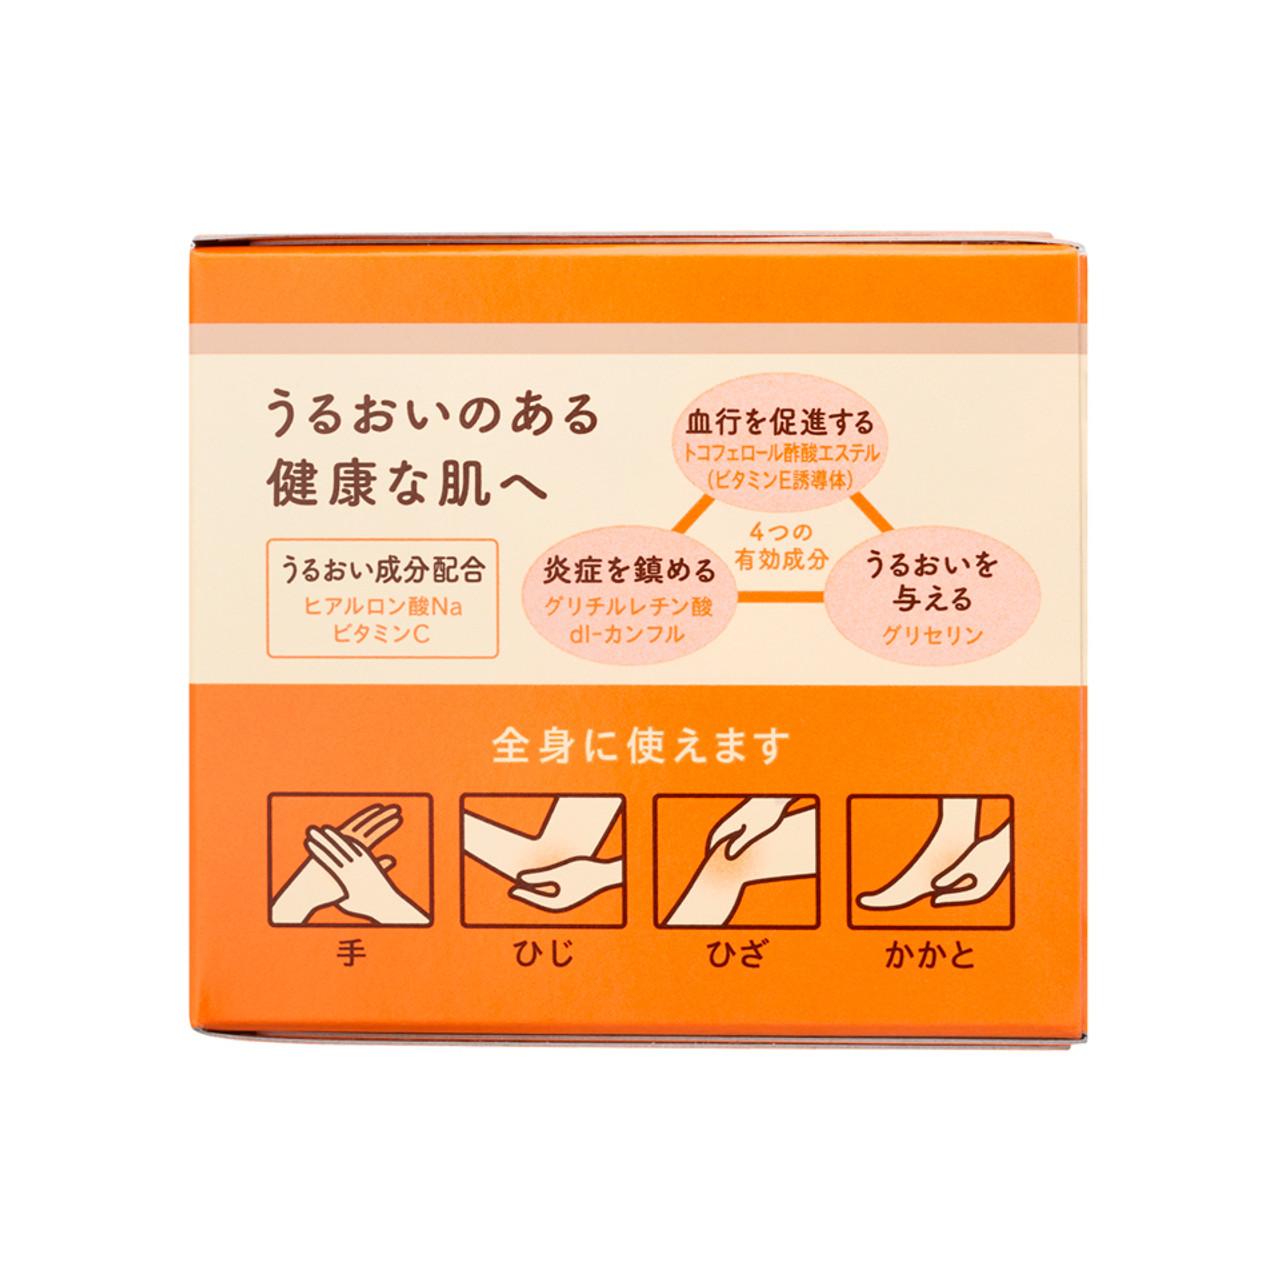 Yuskin Cream Витаминный крем для рук, ног и тела